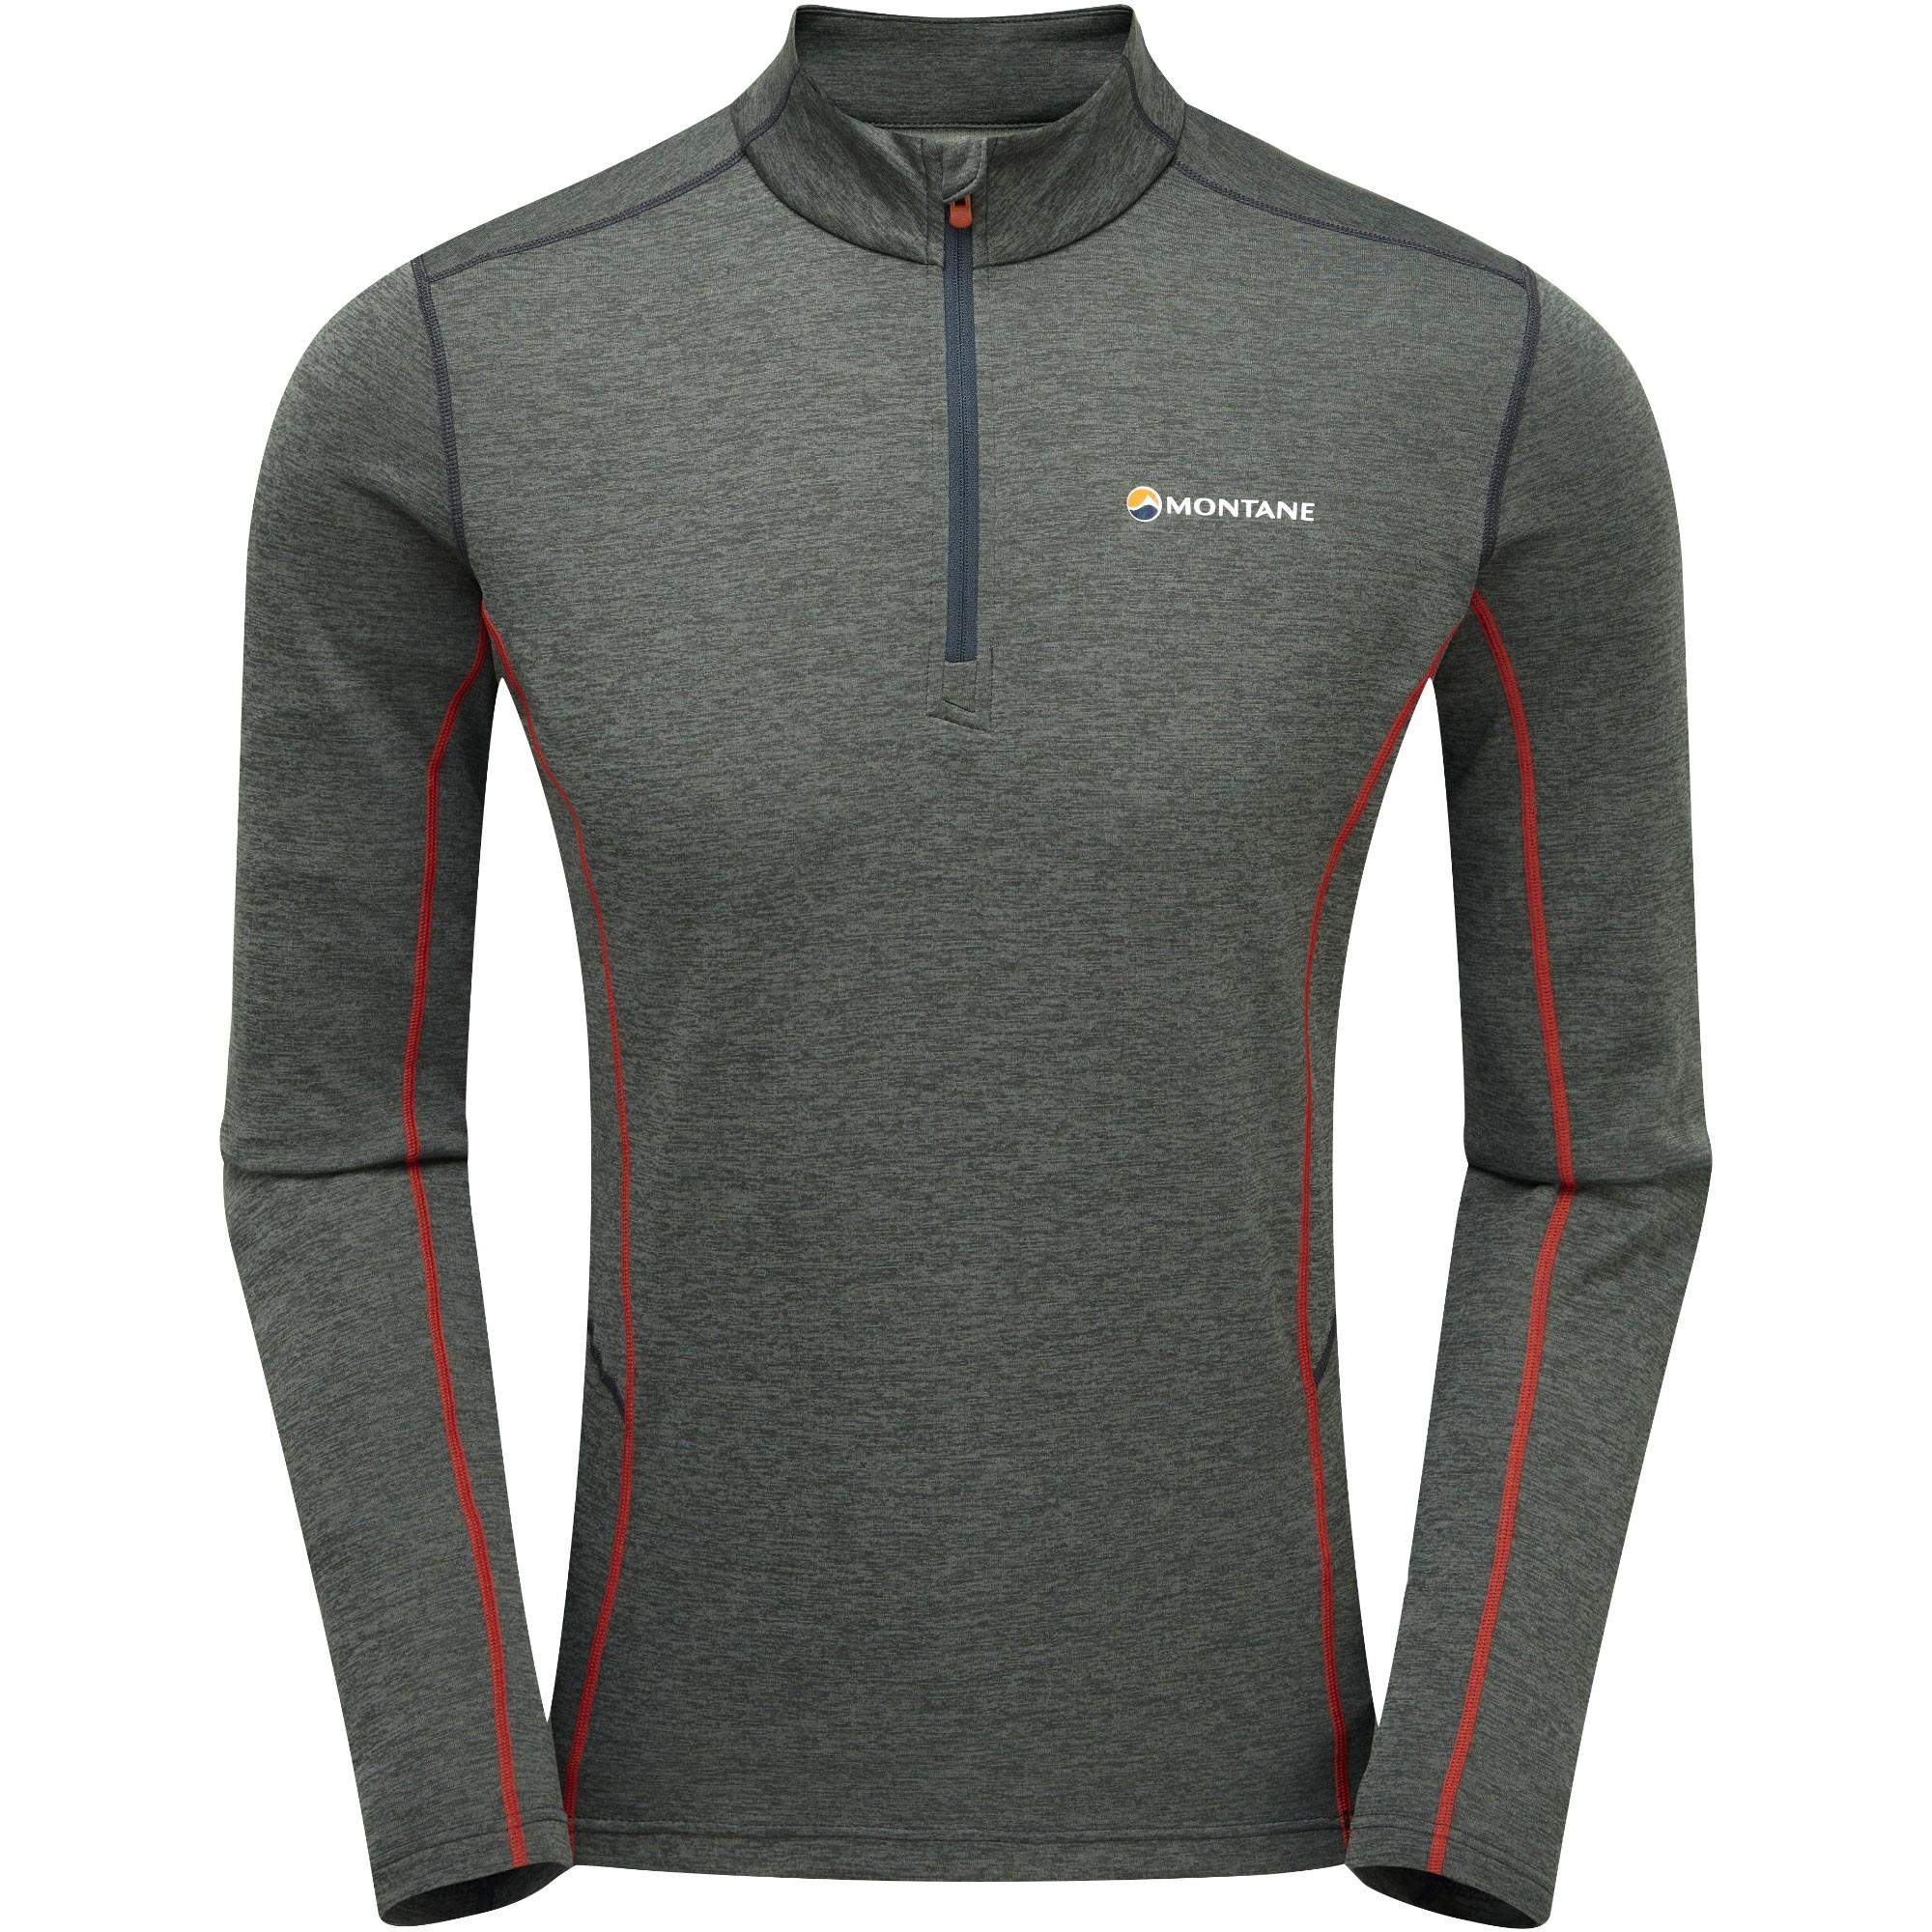 Montane Dart Men's Zip-Neck T-shirt - Shadow/Alpine Red